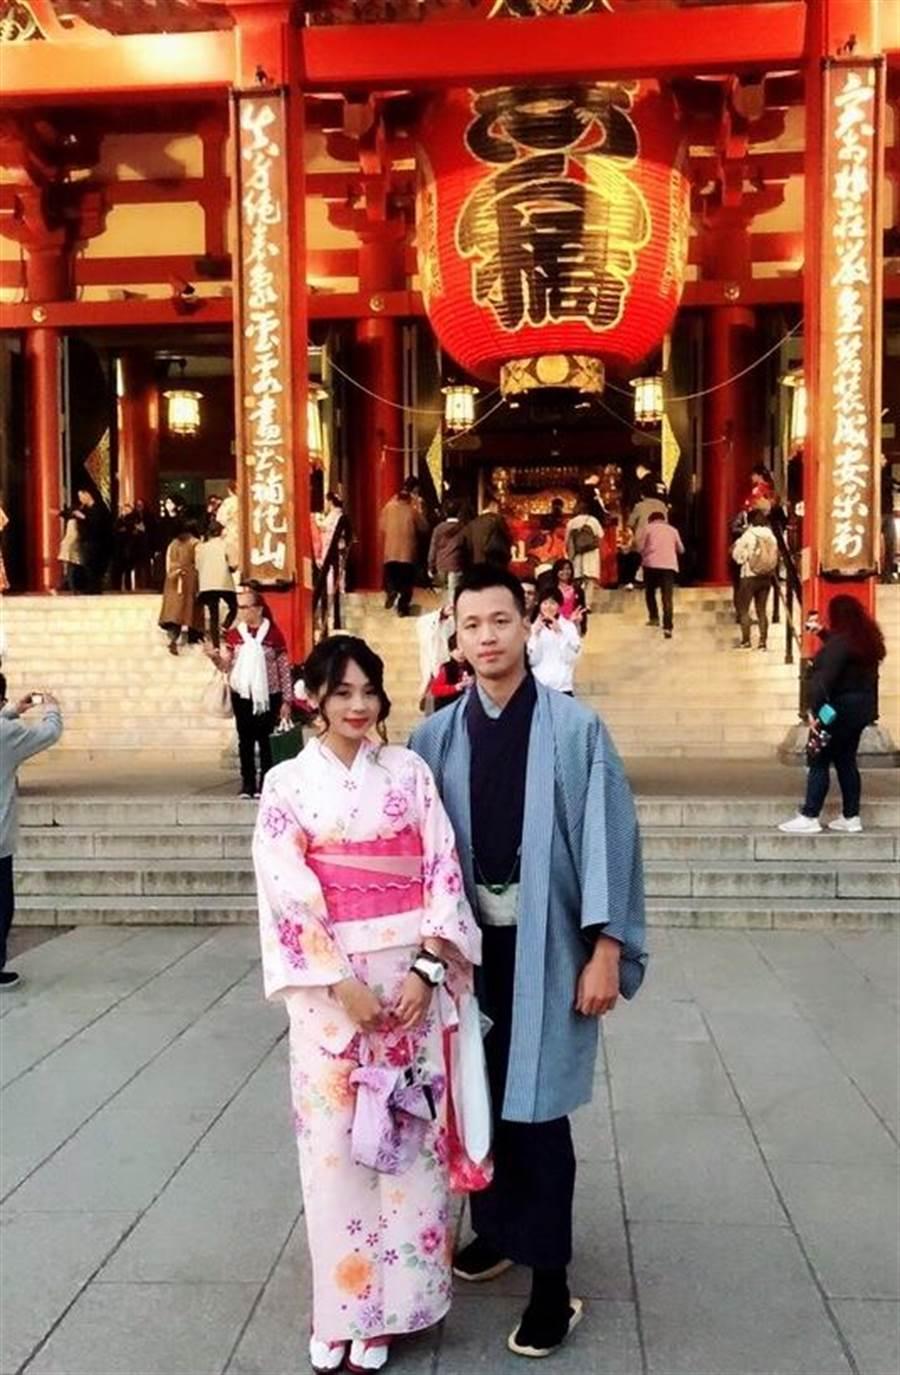 詹於醒(圖右)在永慶房屋年薪百萬,去年就帶女友出國3次,享受工作與生活平衡。(圖/永慶房屋 提供)